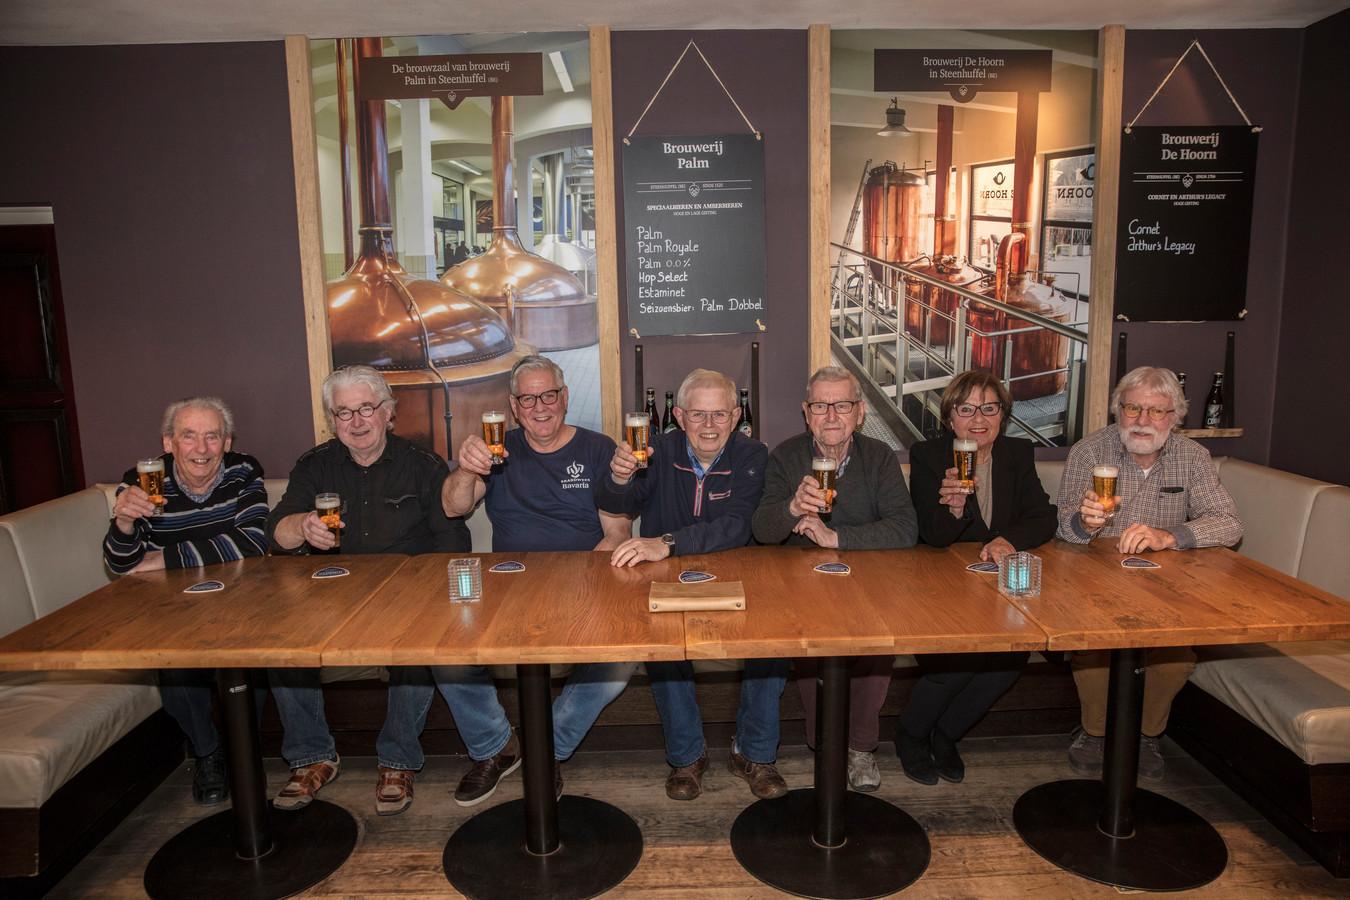 Noud Maas, Arnold Bevers, Piet Daniëls, Henk van der Zanden, Wim Gilsing, Franka van Venrooij en Harry Lanen (vlnr) in het Bavaria Brouwerij Café.